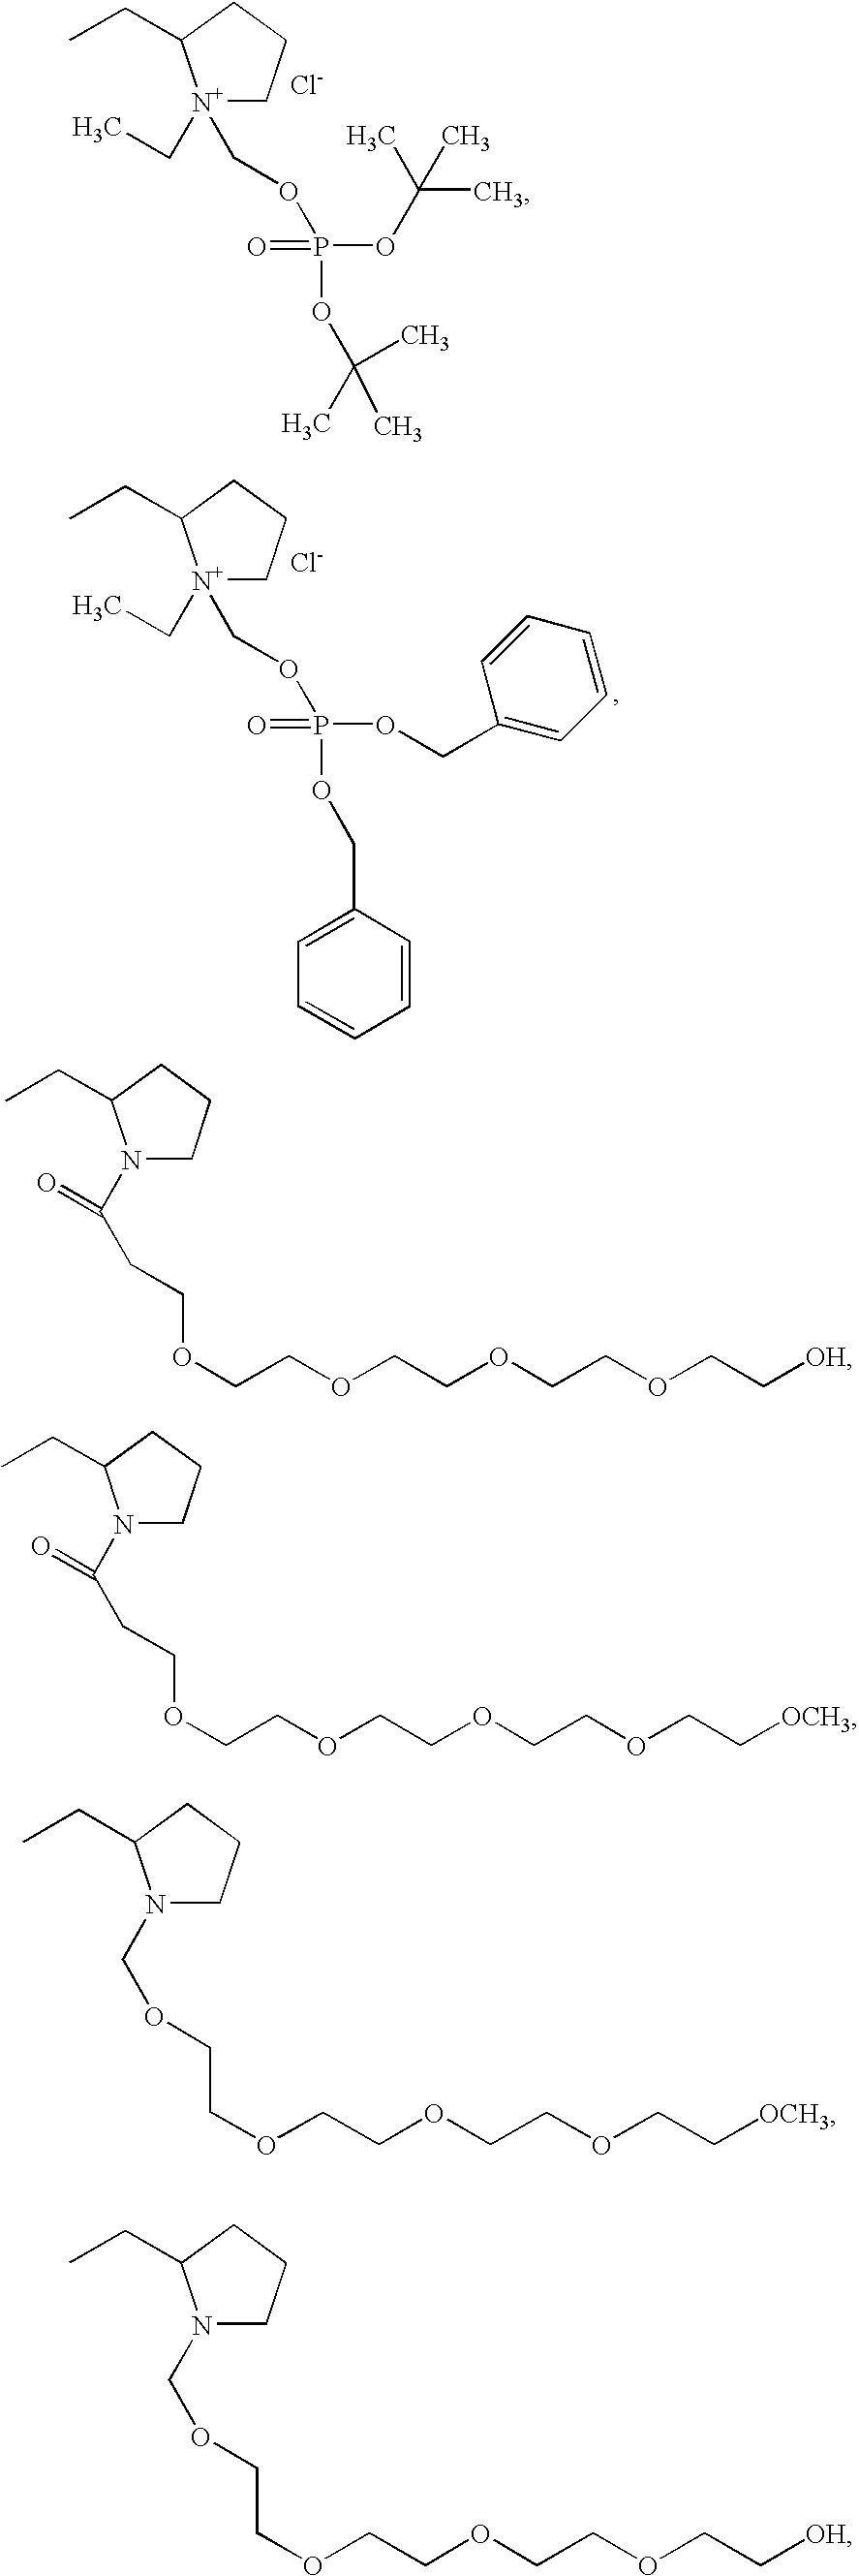 Figure US20050113341A1-20050526-C00087